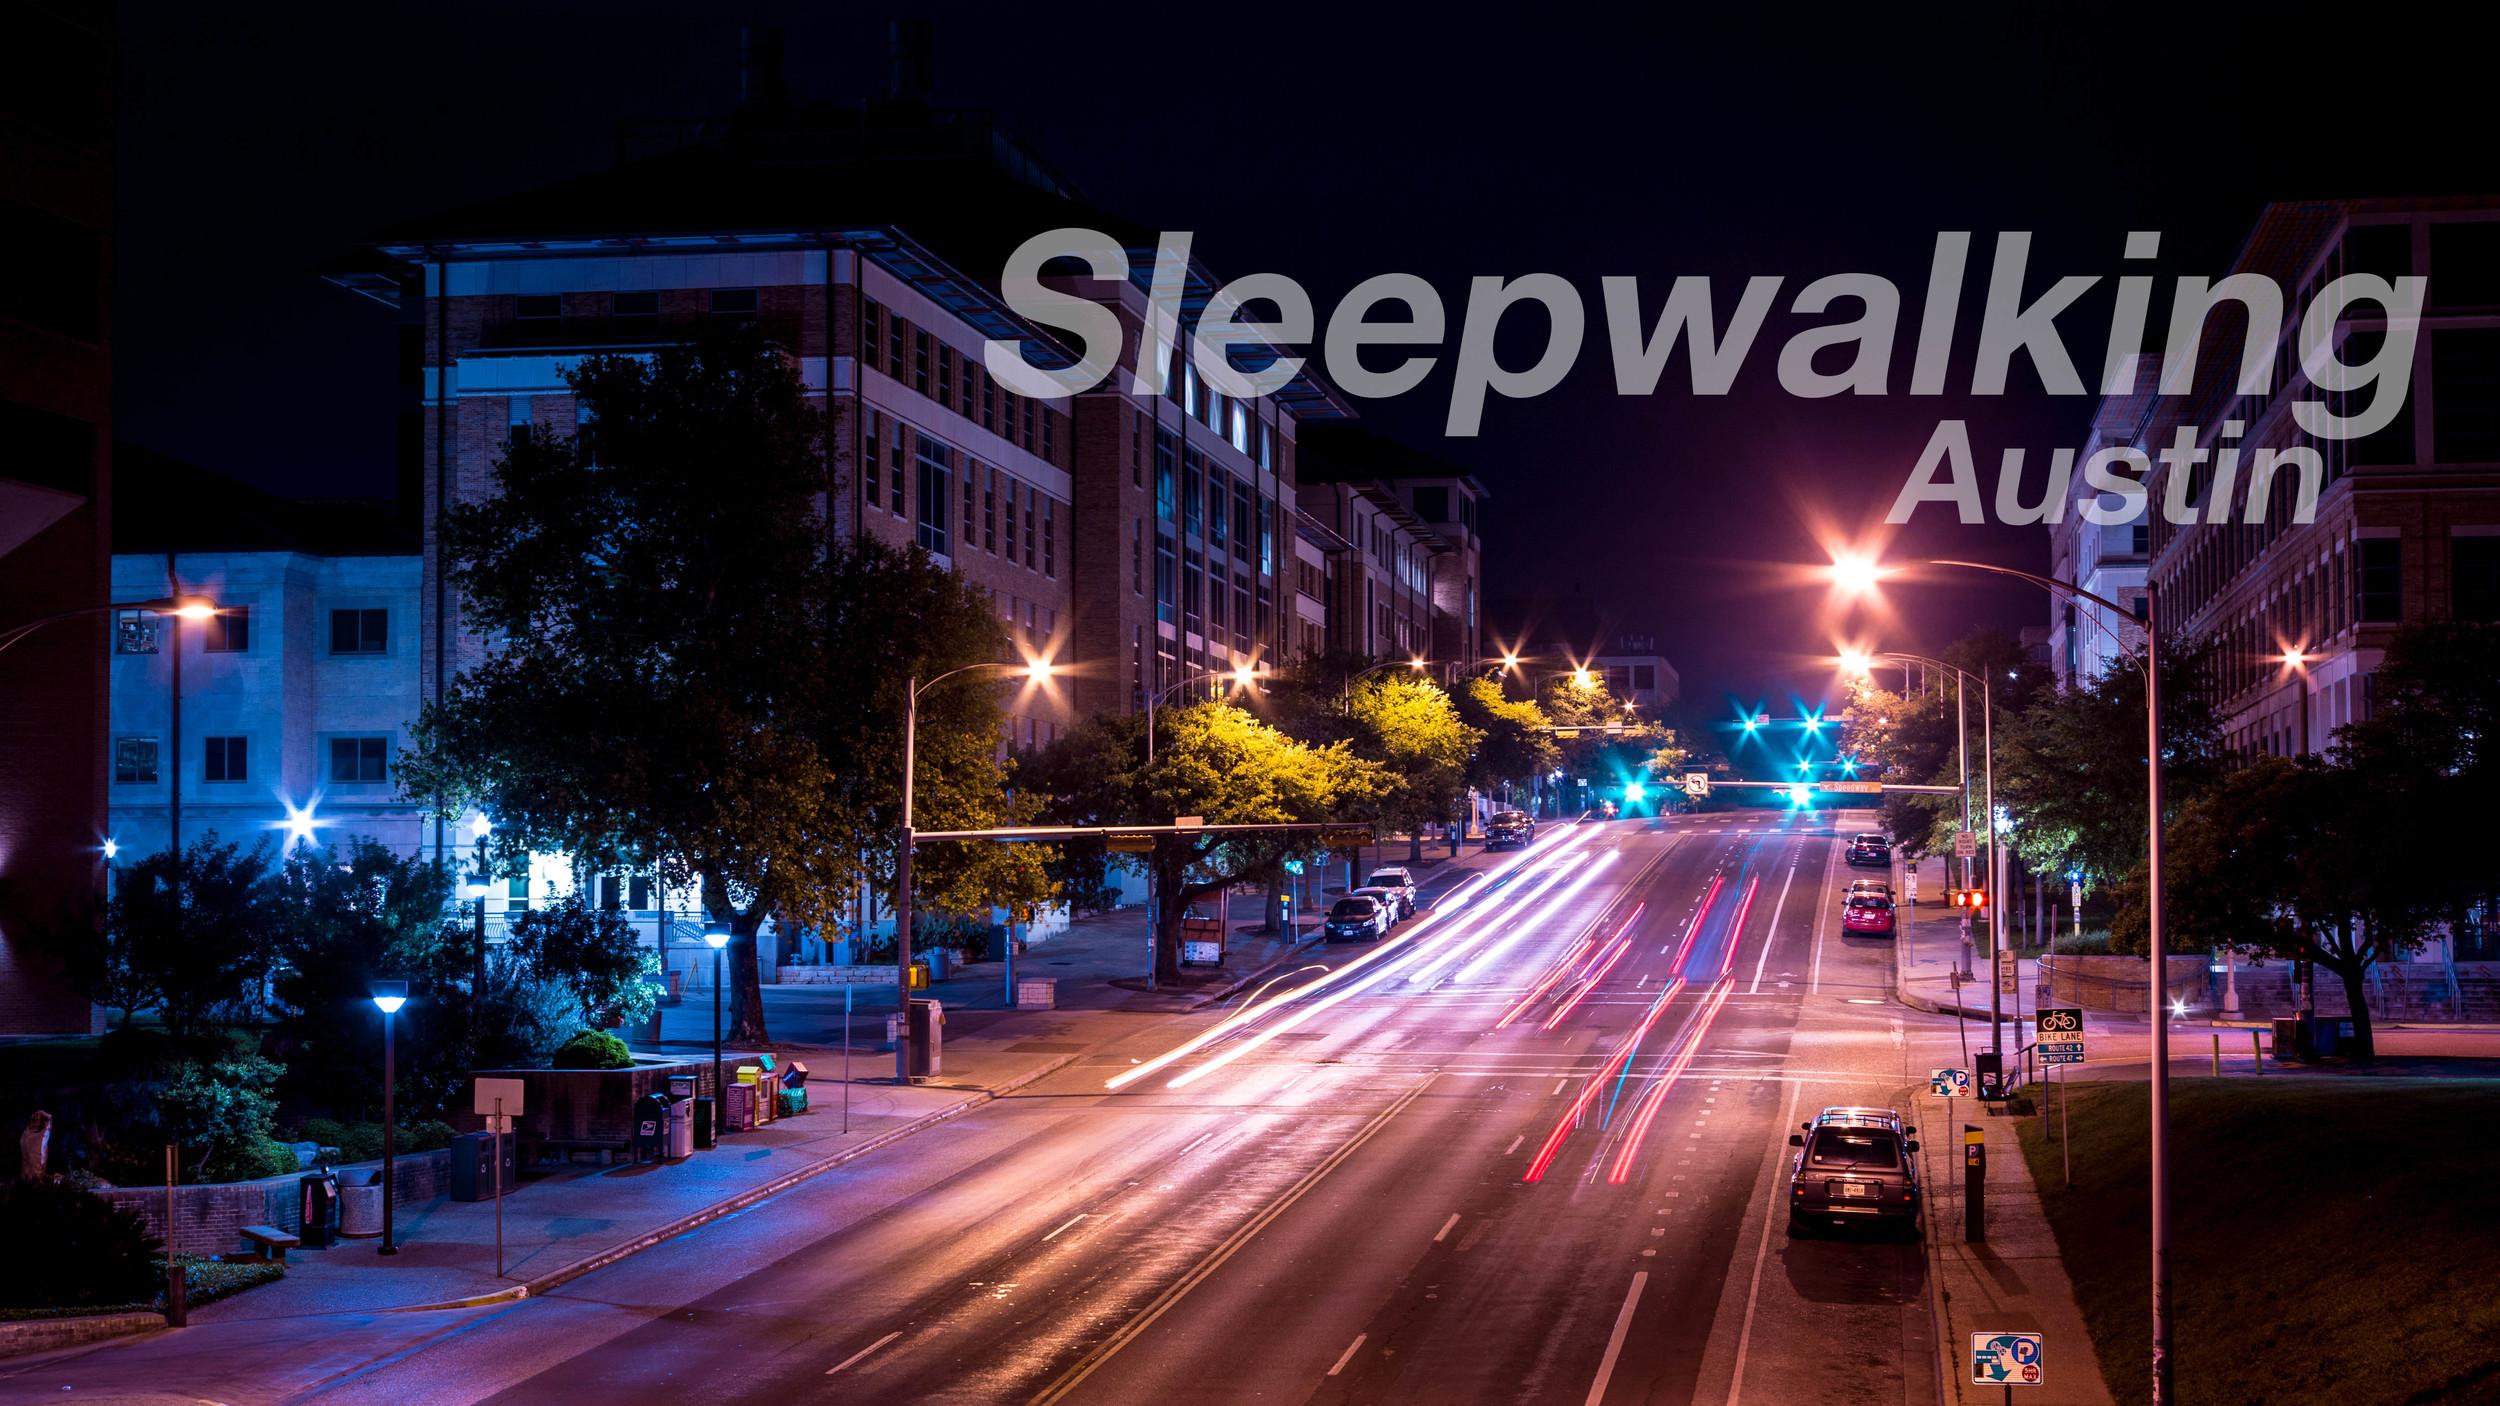 sleepwalking_austin.jpg